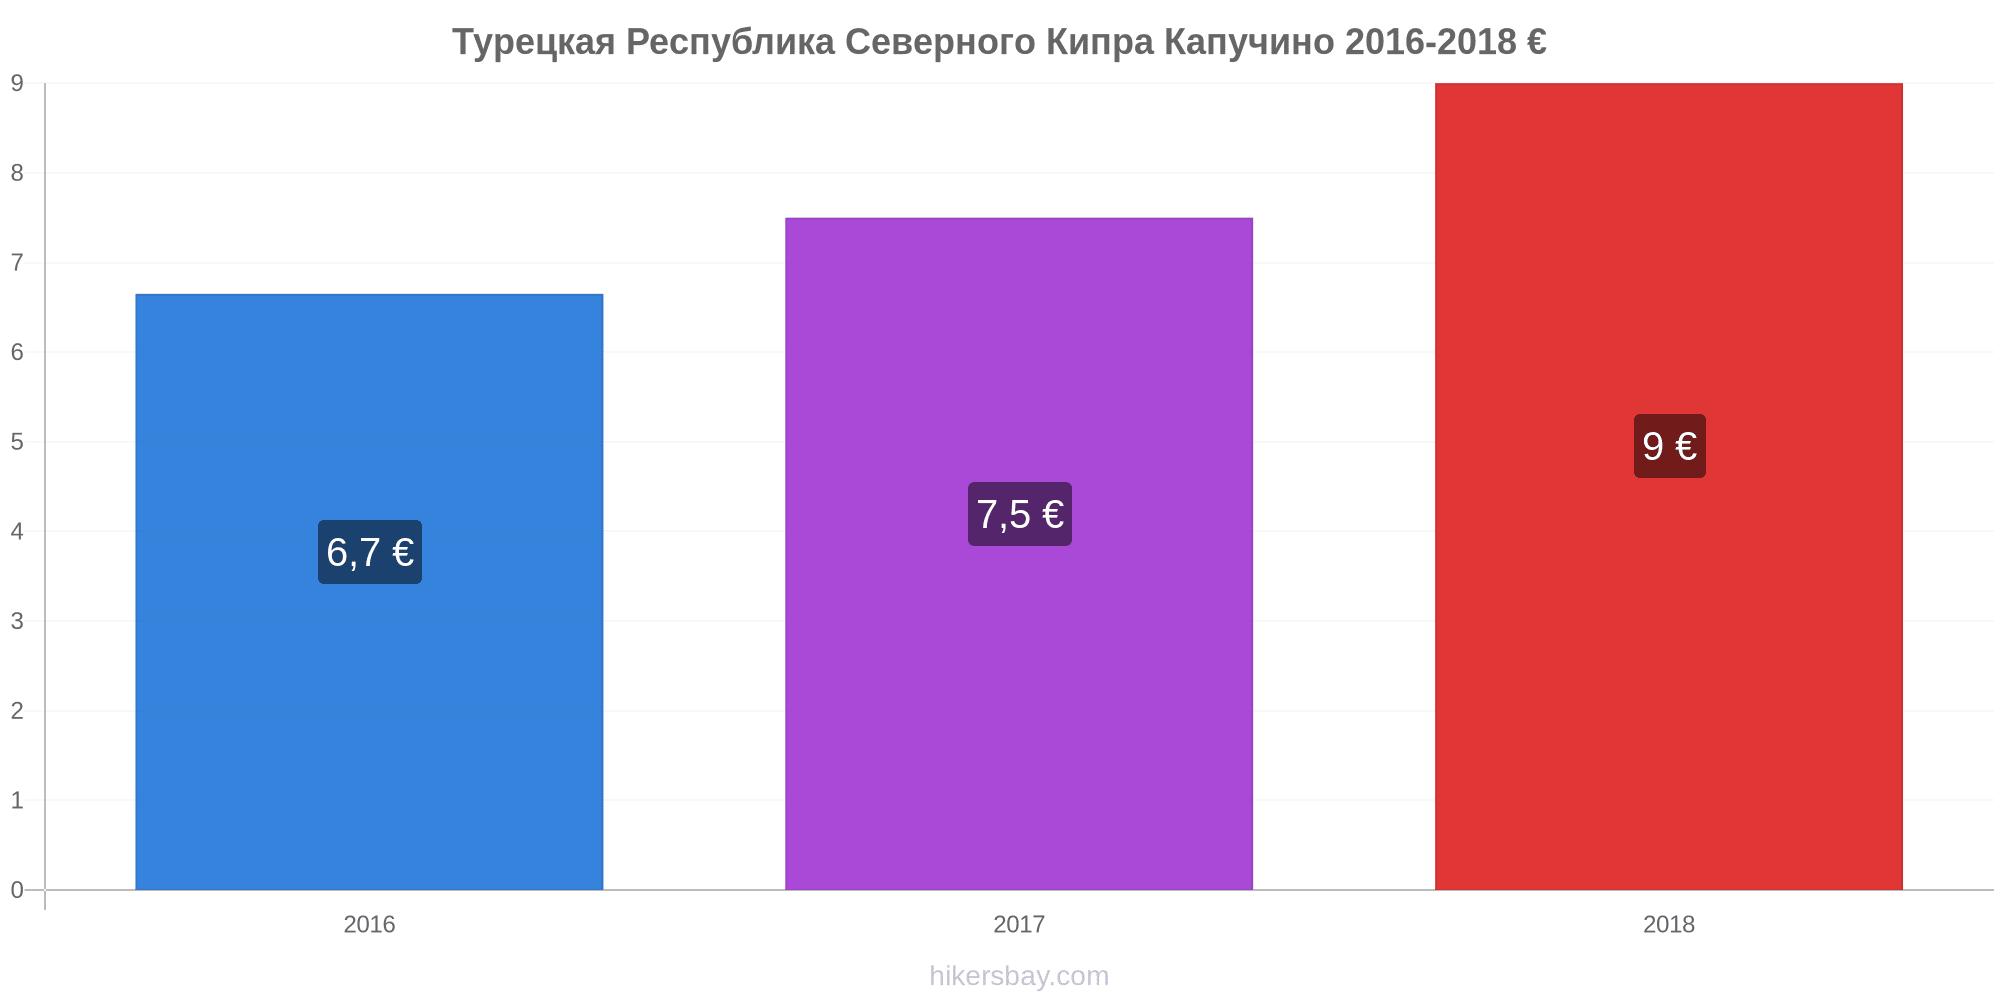 северный кипр цены на продукты 2018